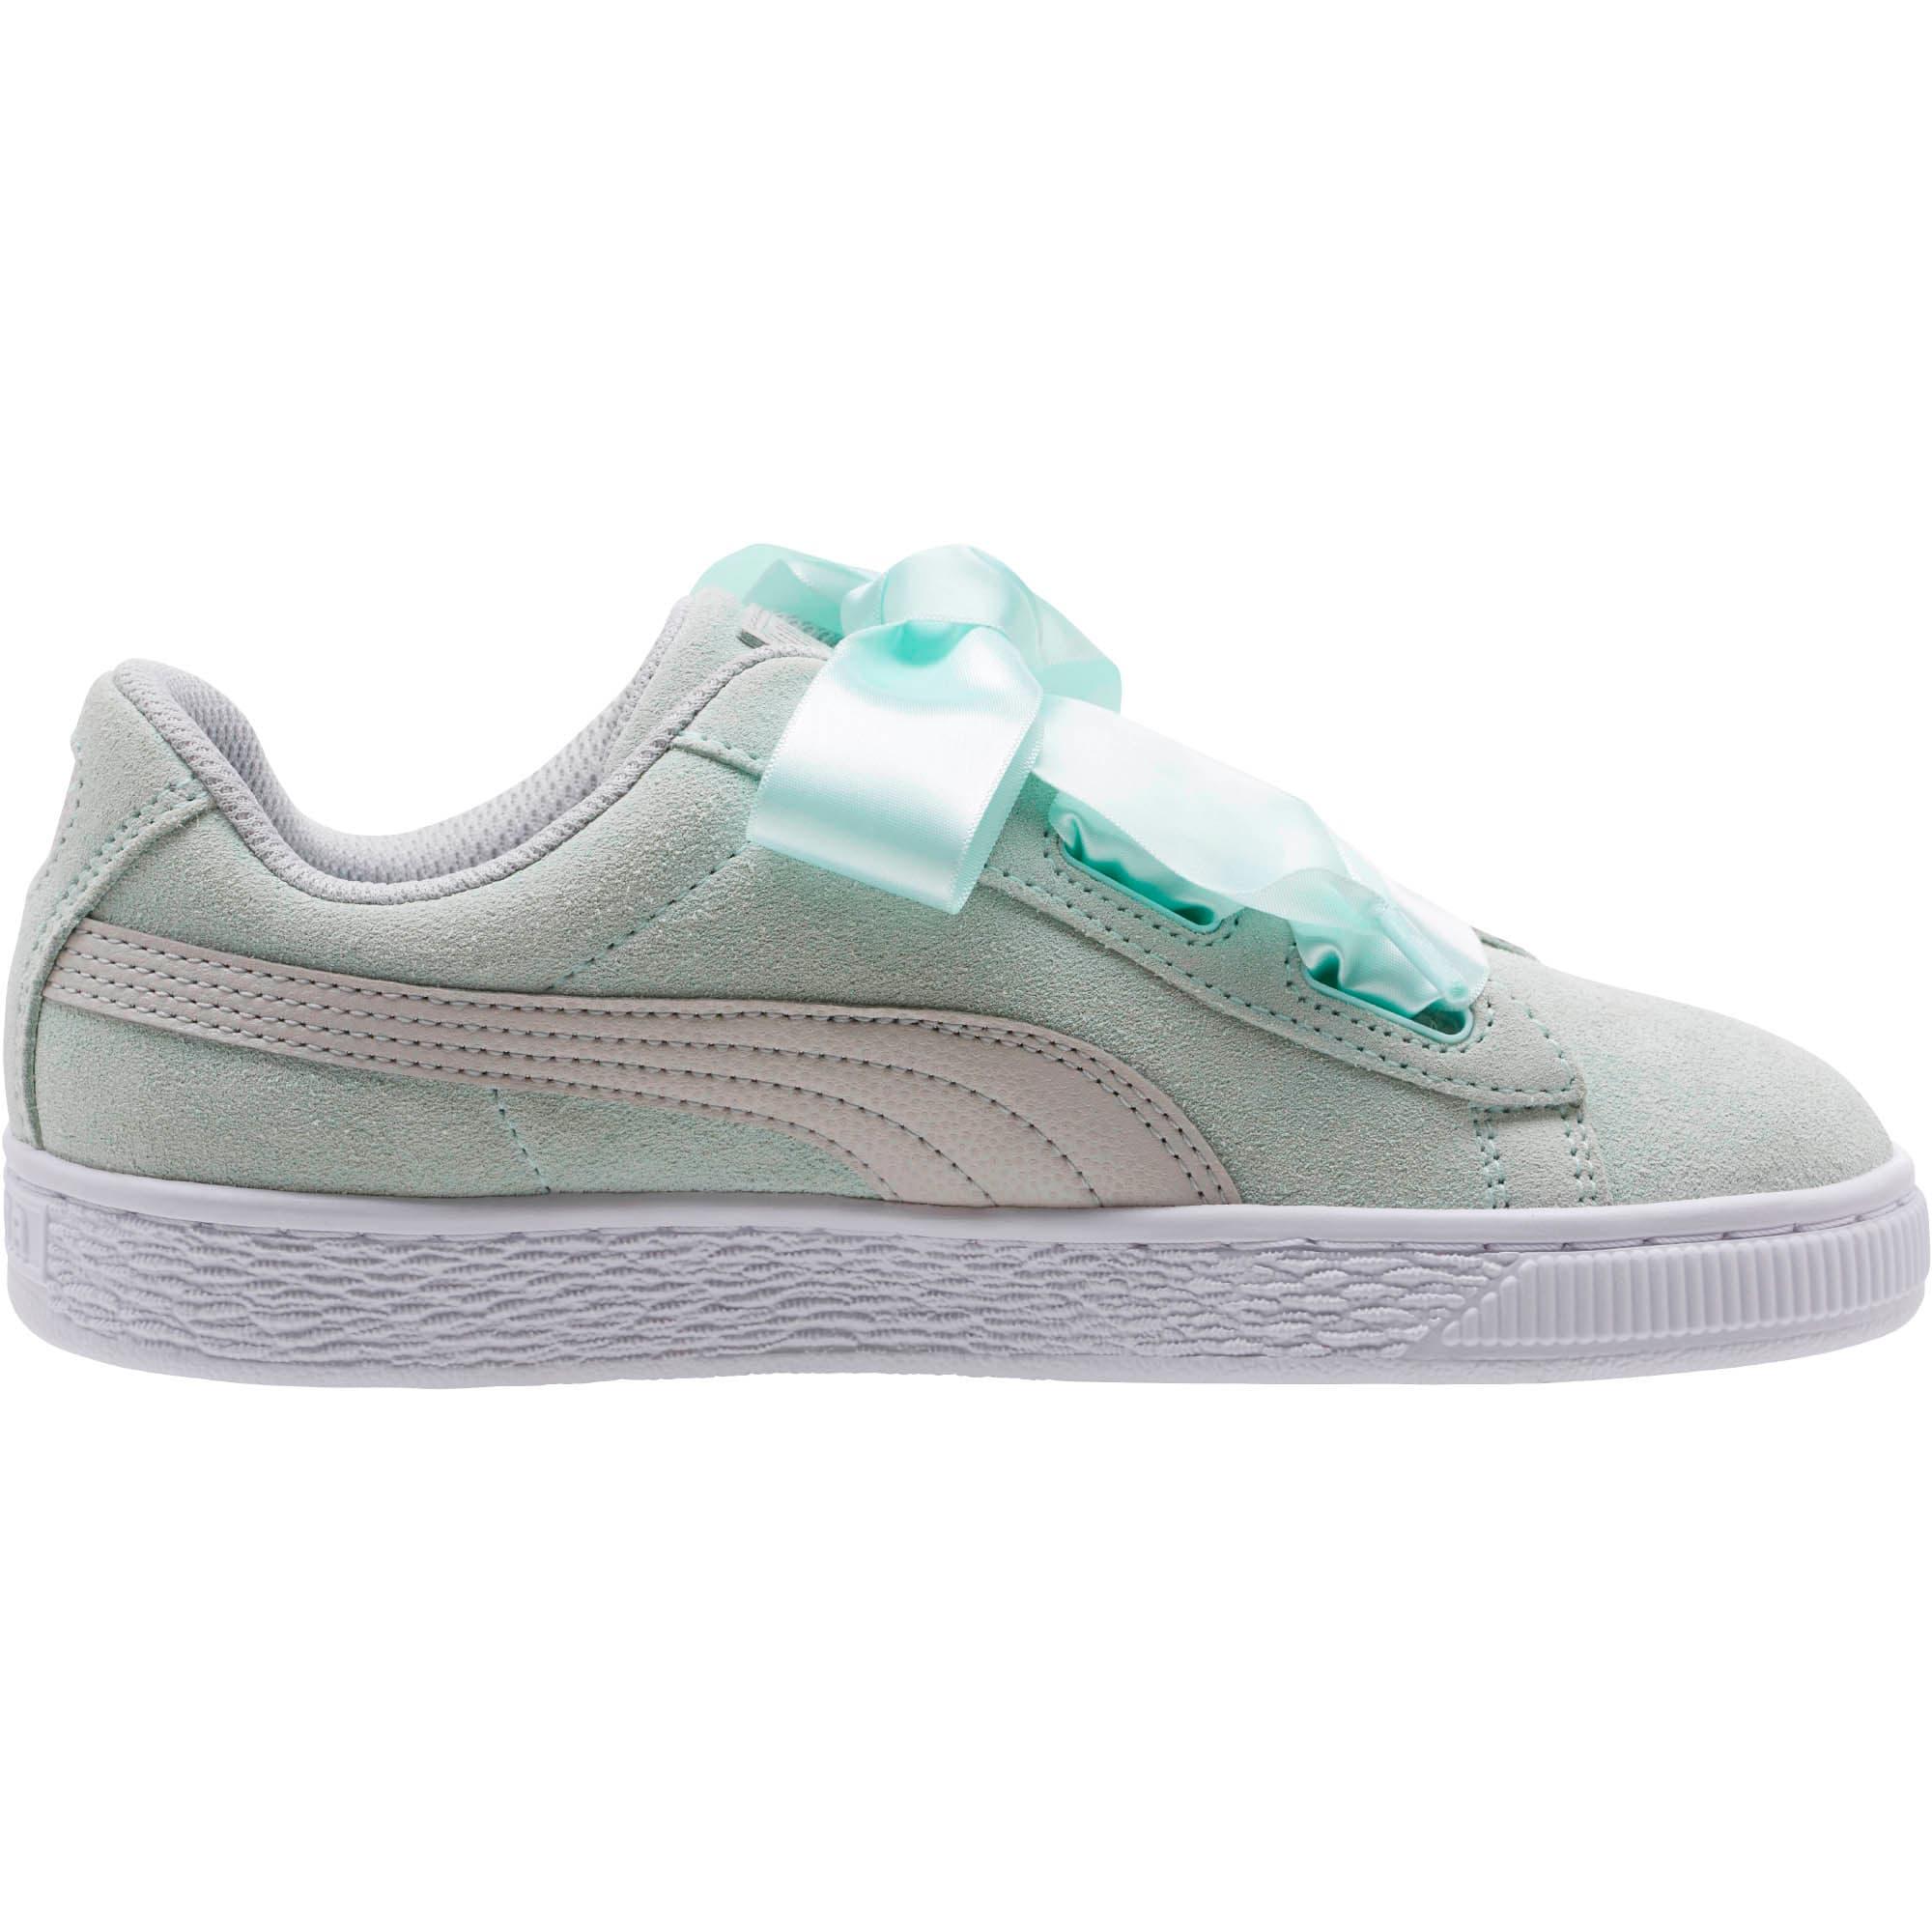 Miniatura 3 de Zapatos deportivos SuedeHeart Radicals JR, Fair Aqua-Gray Violet, mediano